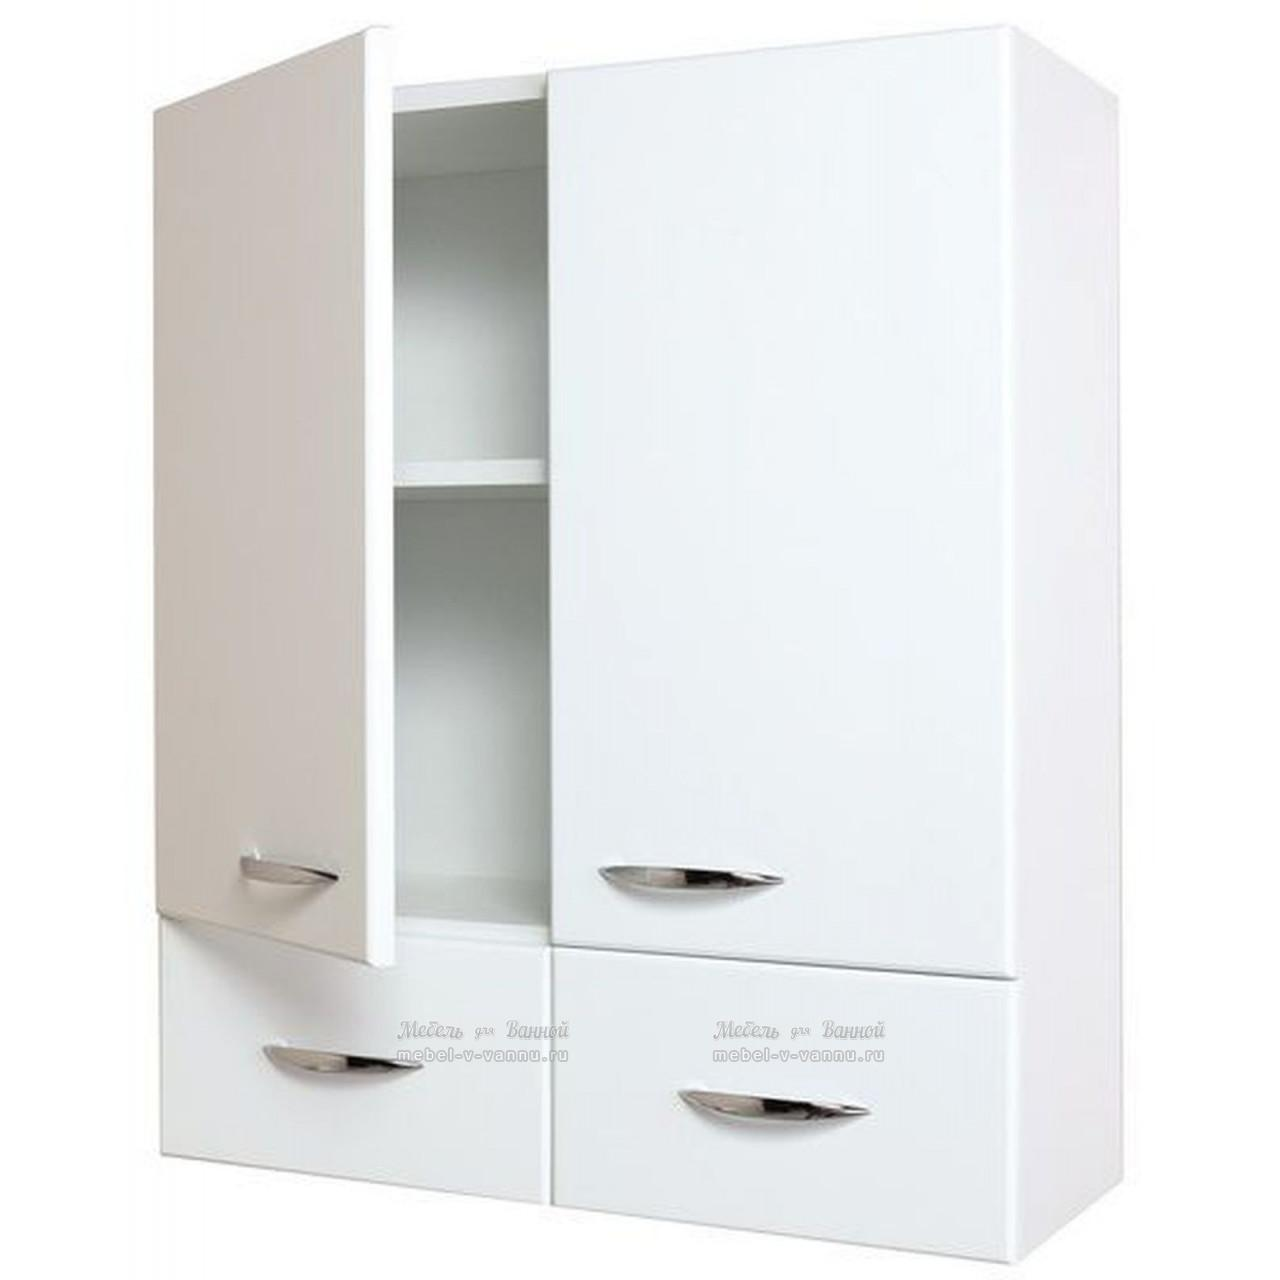 Шкаф навесной Onika Кредо 60 двухдверный 2 ящика купить в Москве по цене от 8500р. в интернет-магазине mebel-v-vannu.ru